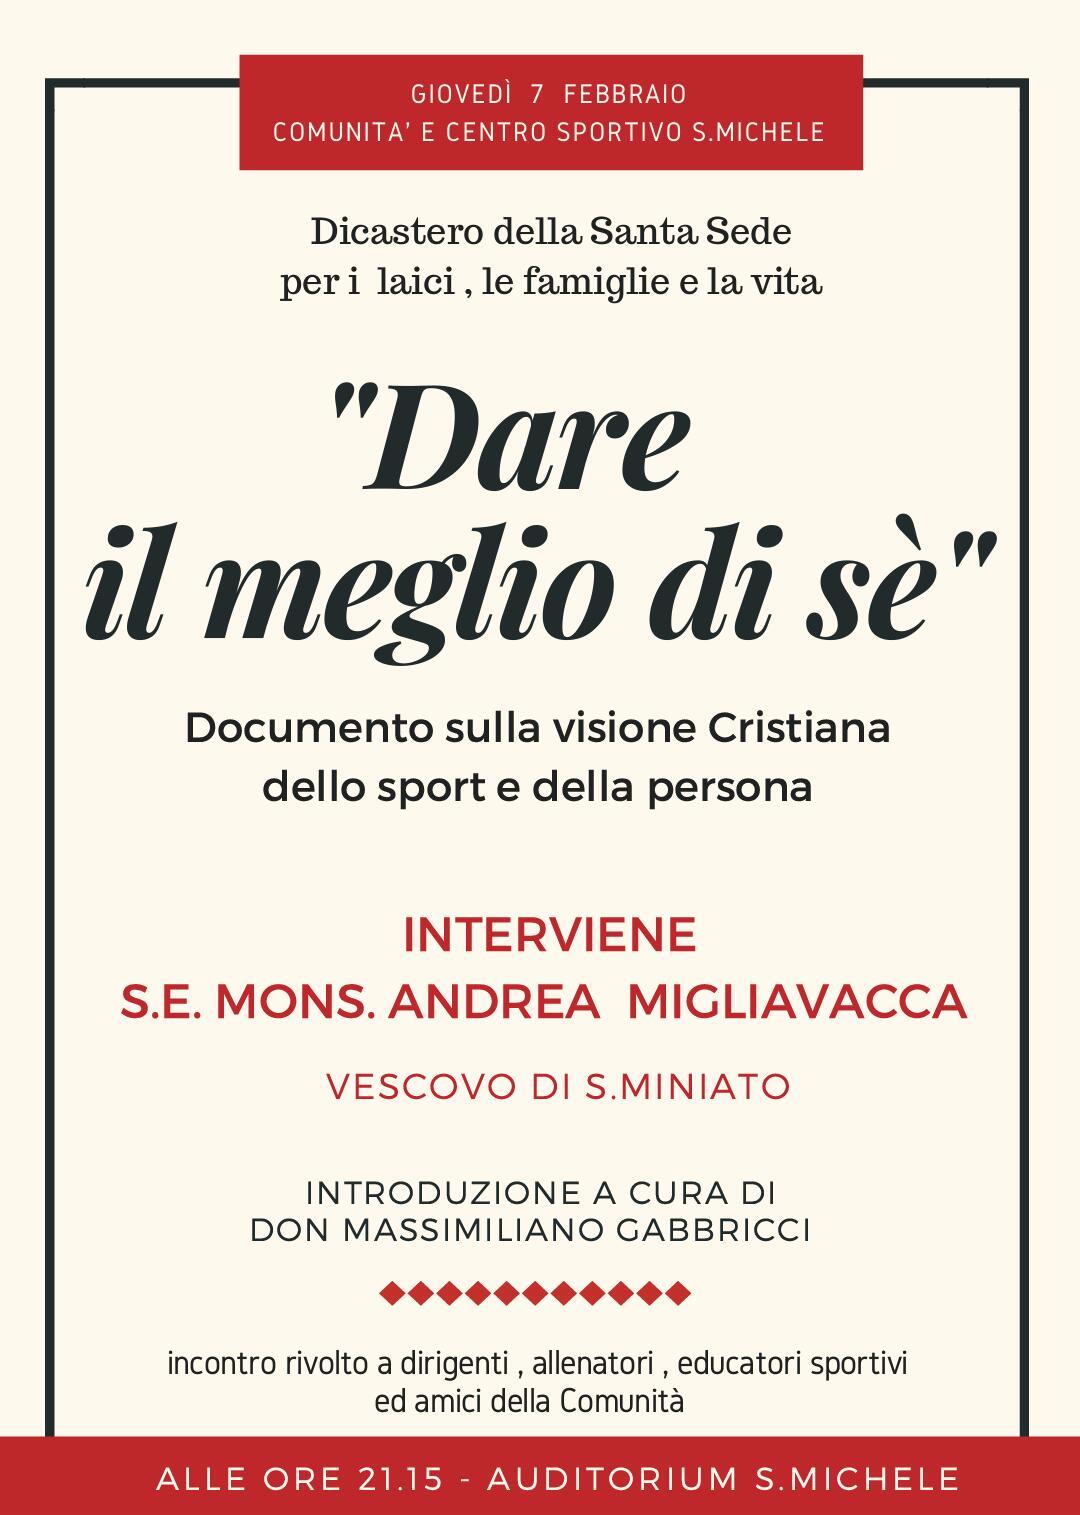 """""""Dare il meglio di sé"""": giovedì 7 febbraio incontro all'Auditorium San Michele"""